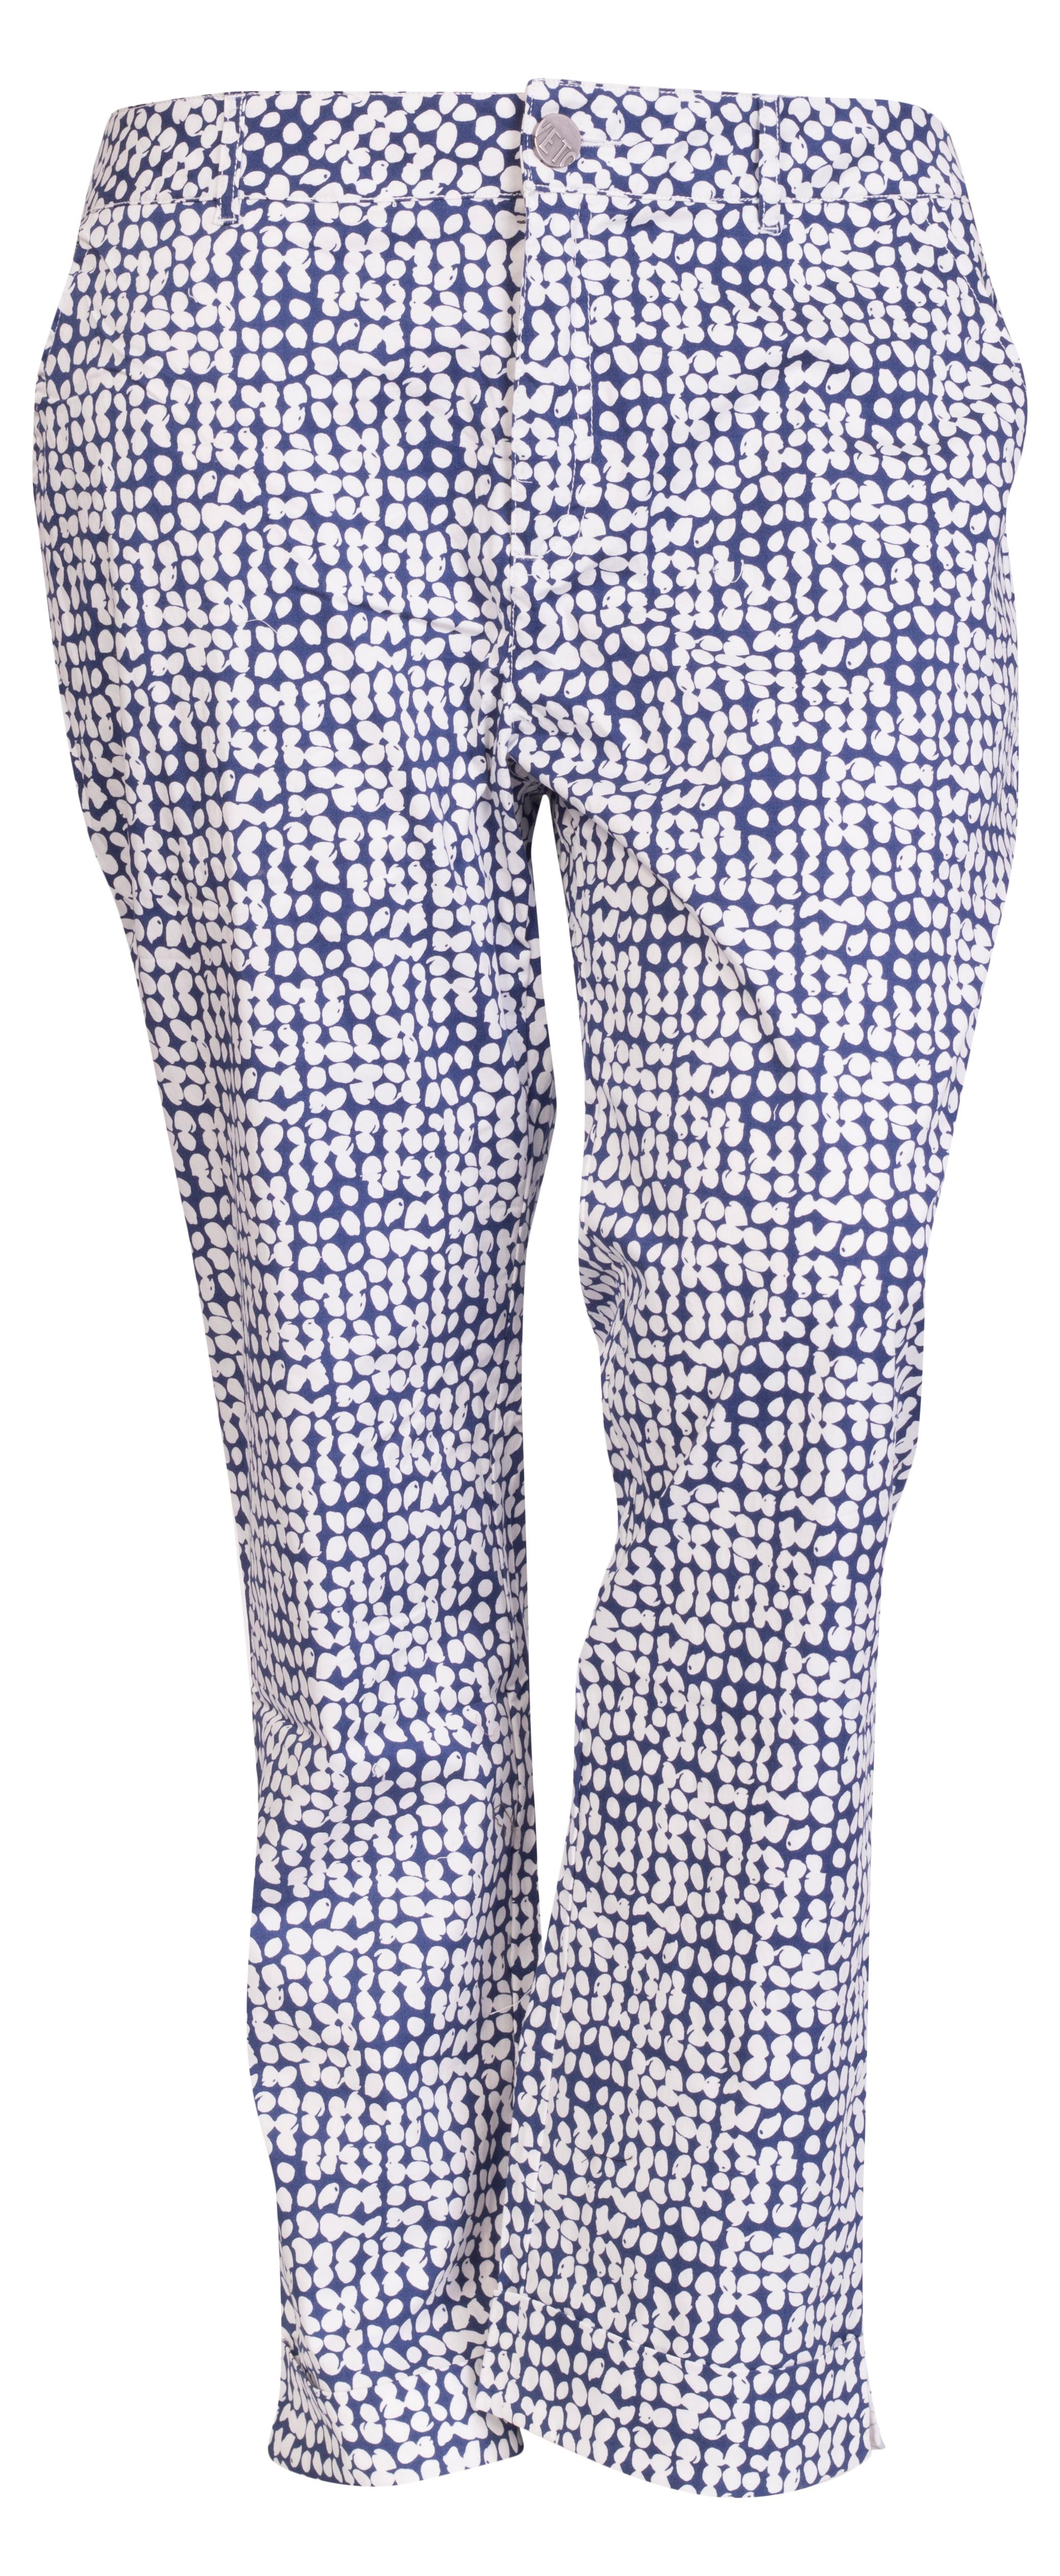 Stumpebukser med med stretch i blå hvid print